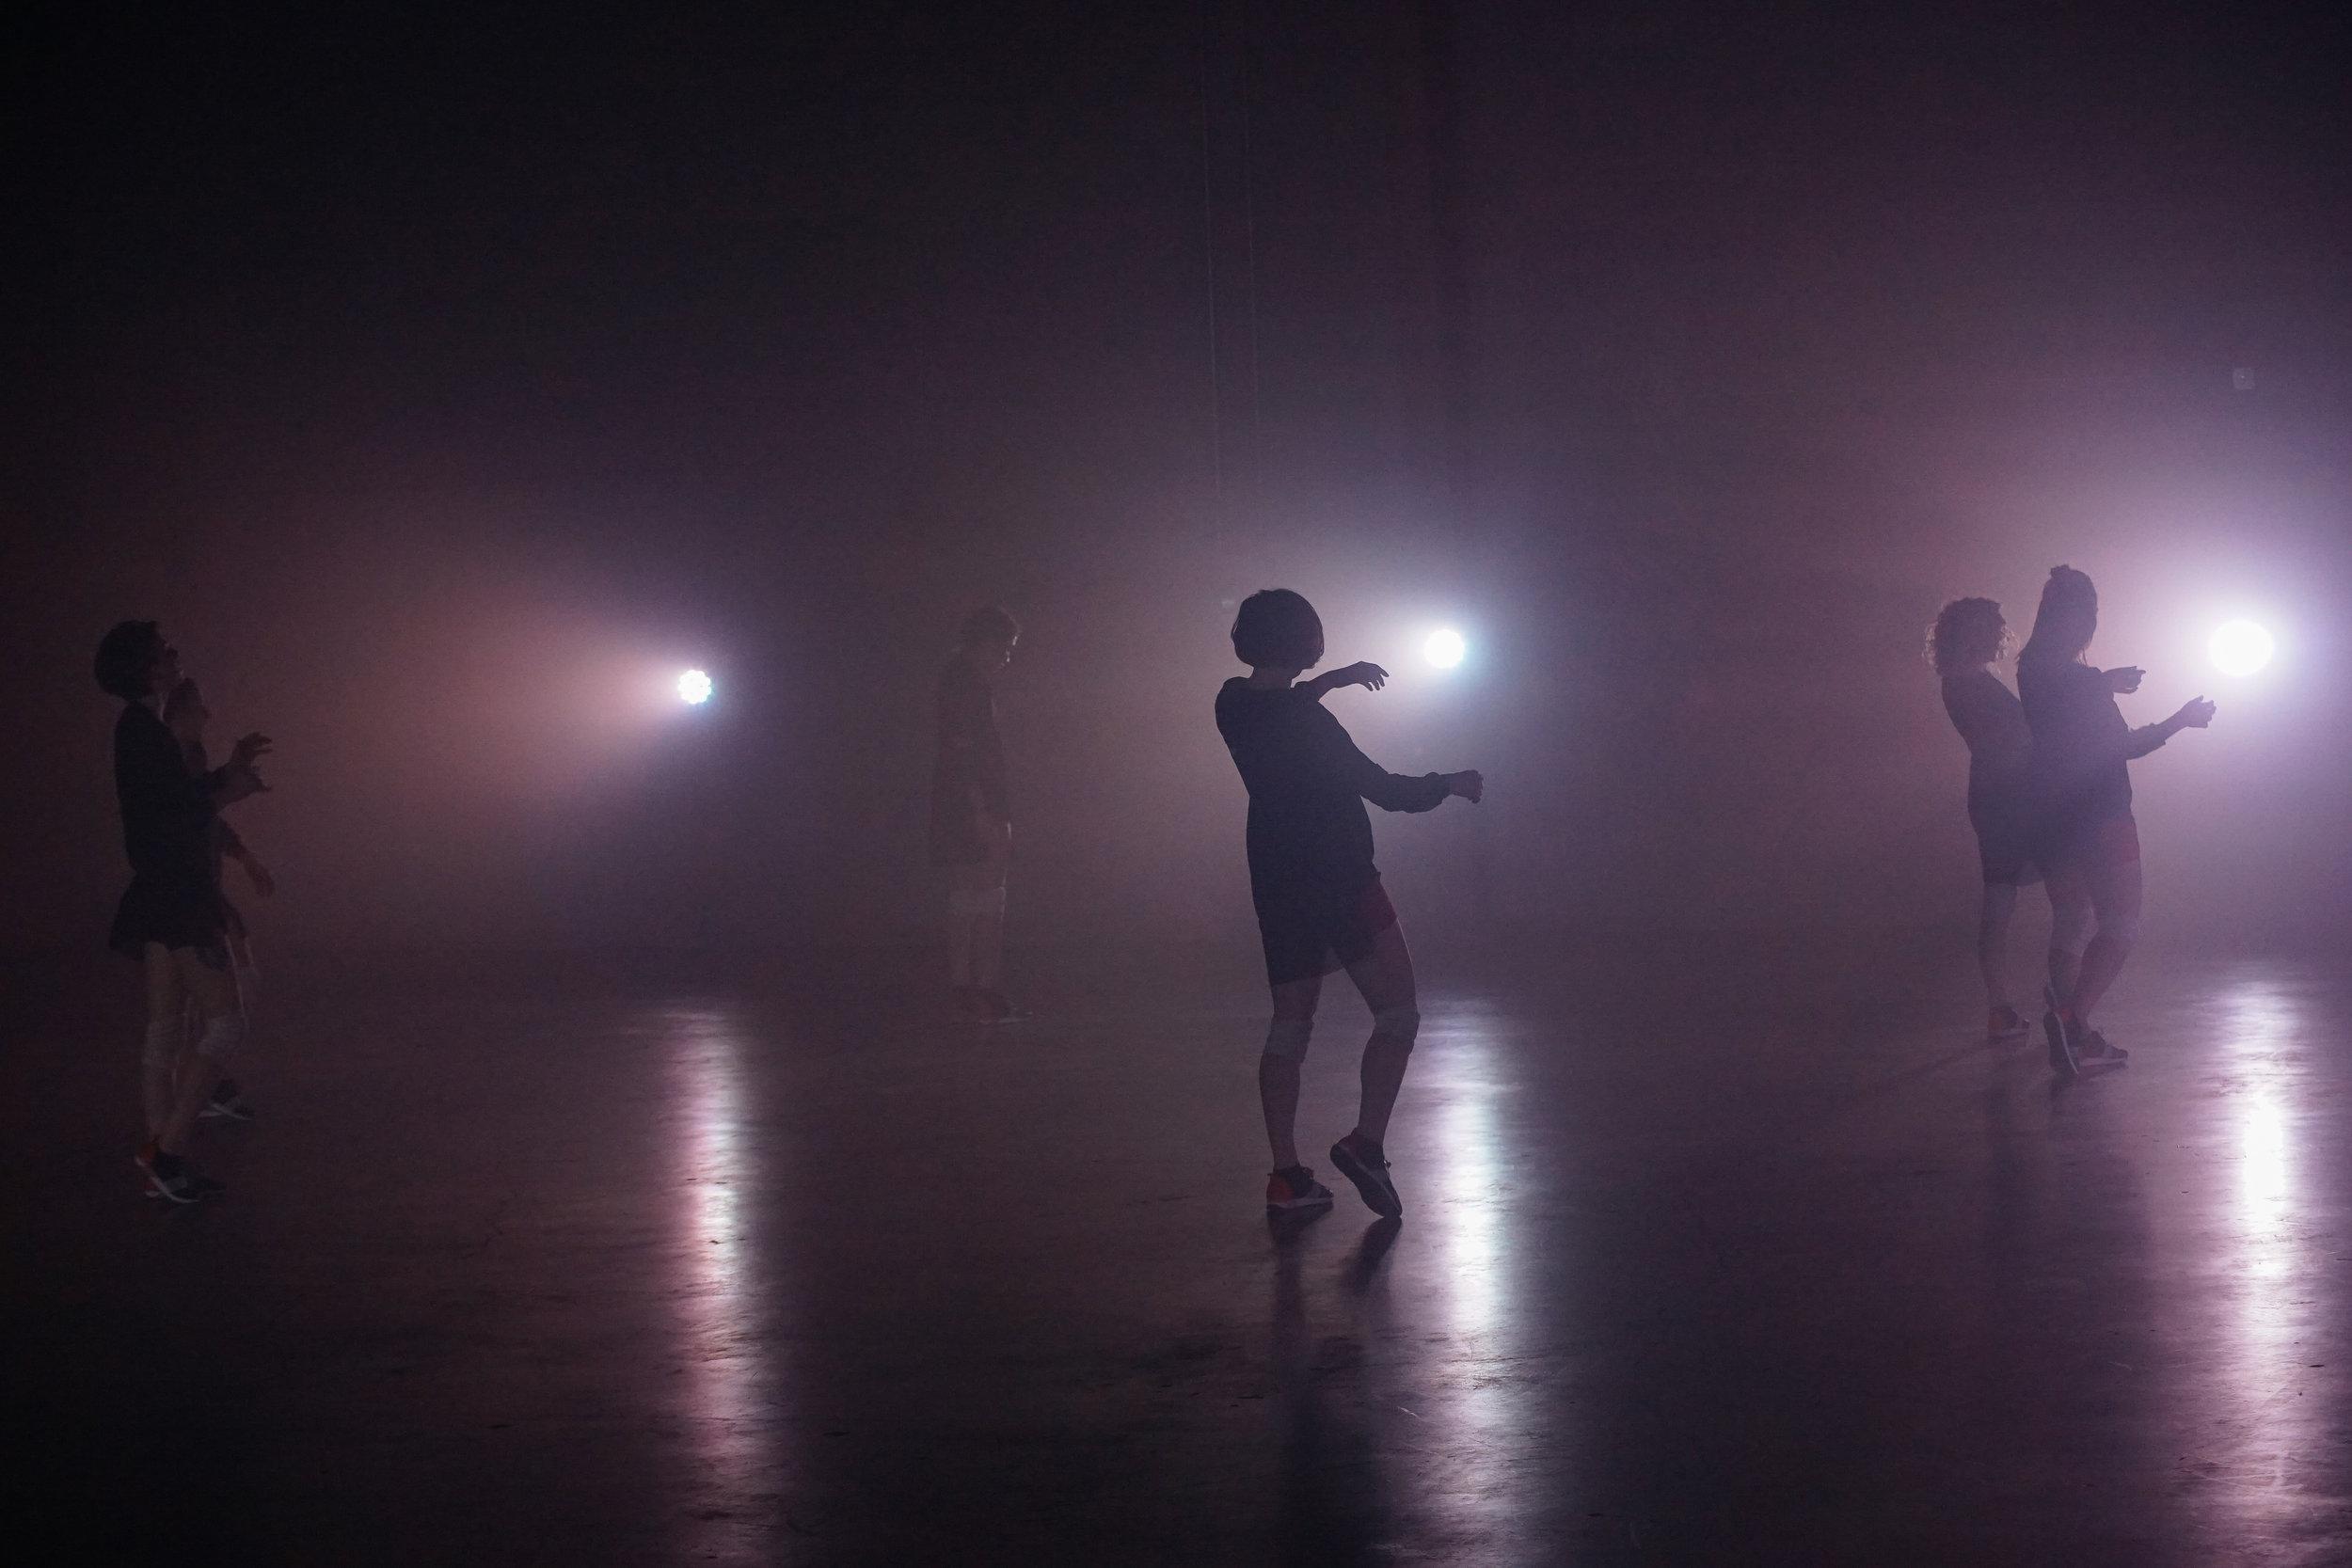 Dancers: Katie Gunderson, Katie Hopkins, Sarah Navarrete, Taryn Lavery, Hailley Lauren, Alex Miller